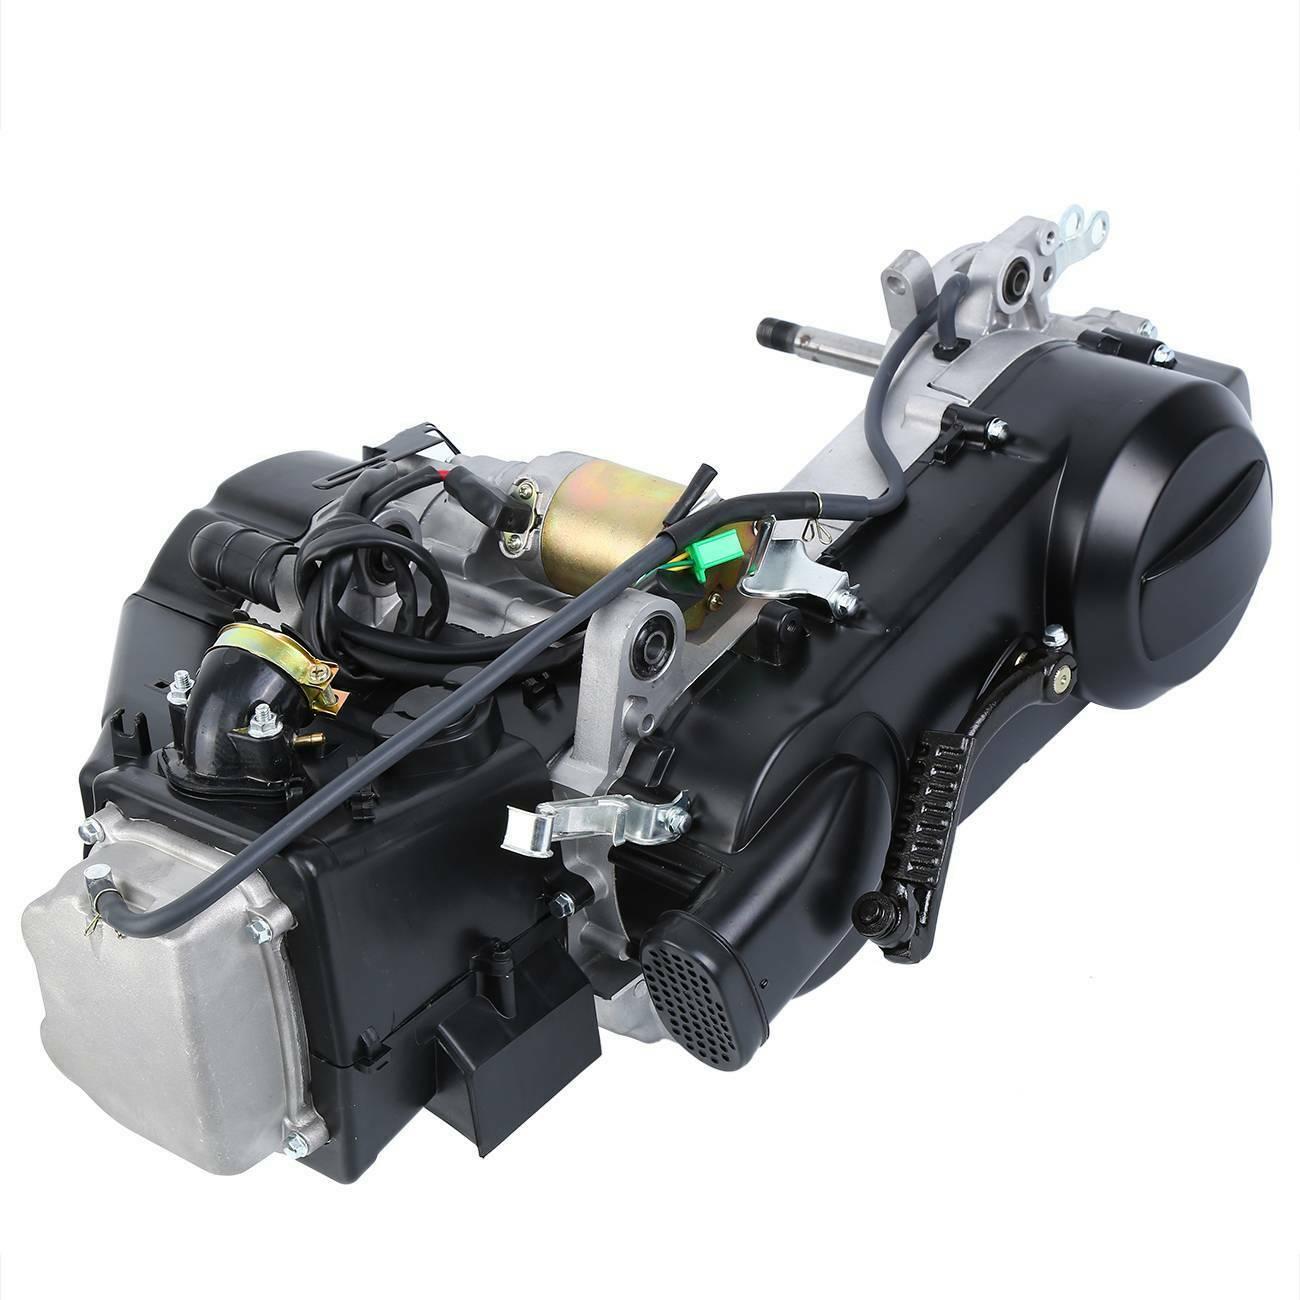 Samger gy6 125cc 4 х тактный двигатель мотор интерактивного